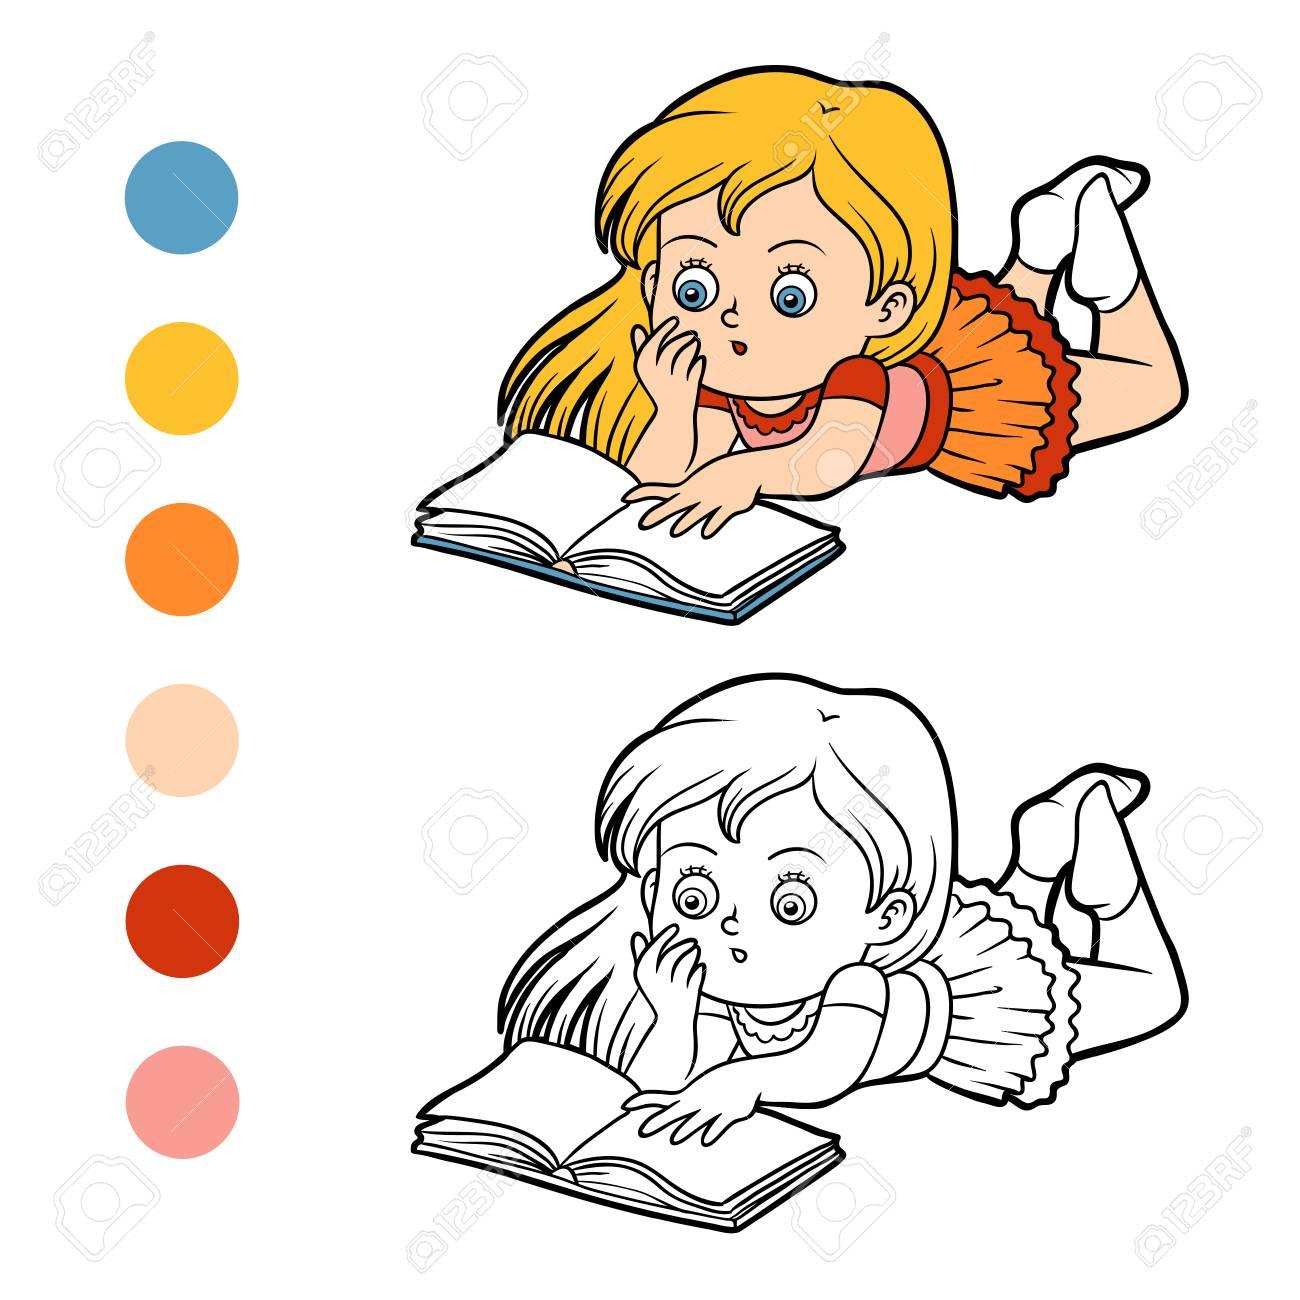 Libro Para Colorear Para Niños Niña Leyendo Un Libro Ilustraciones